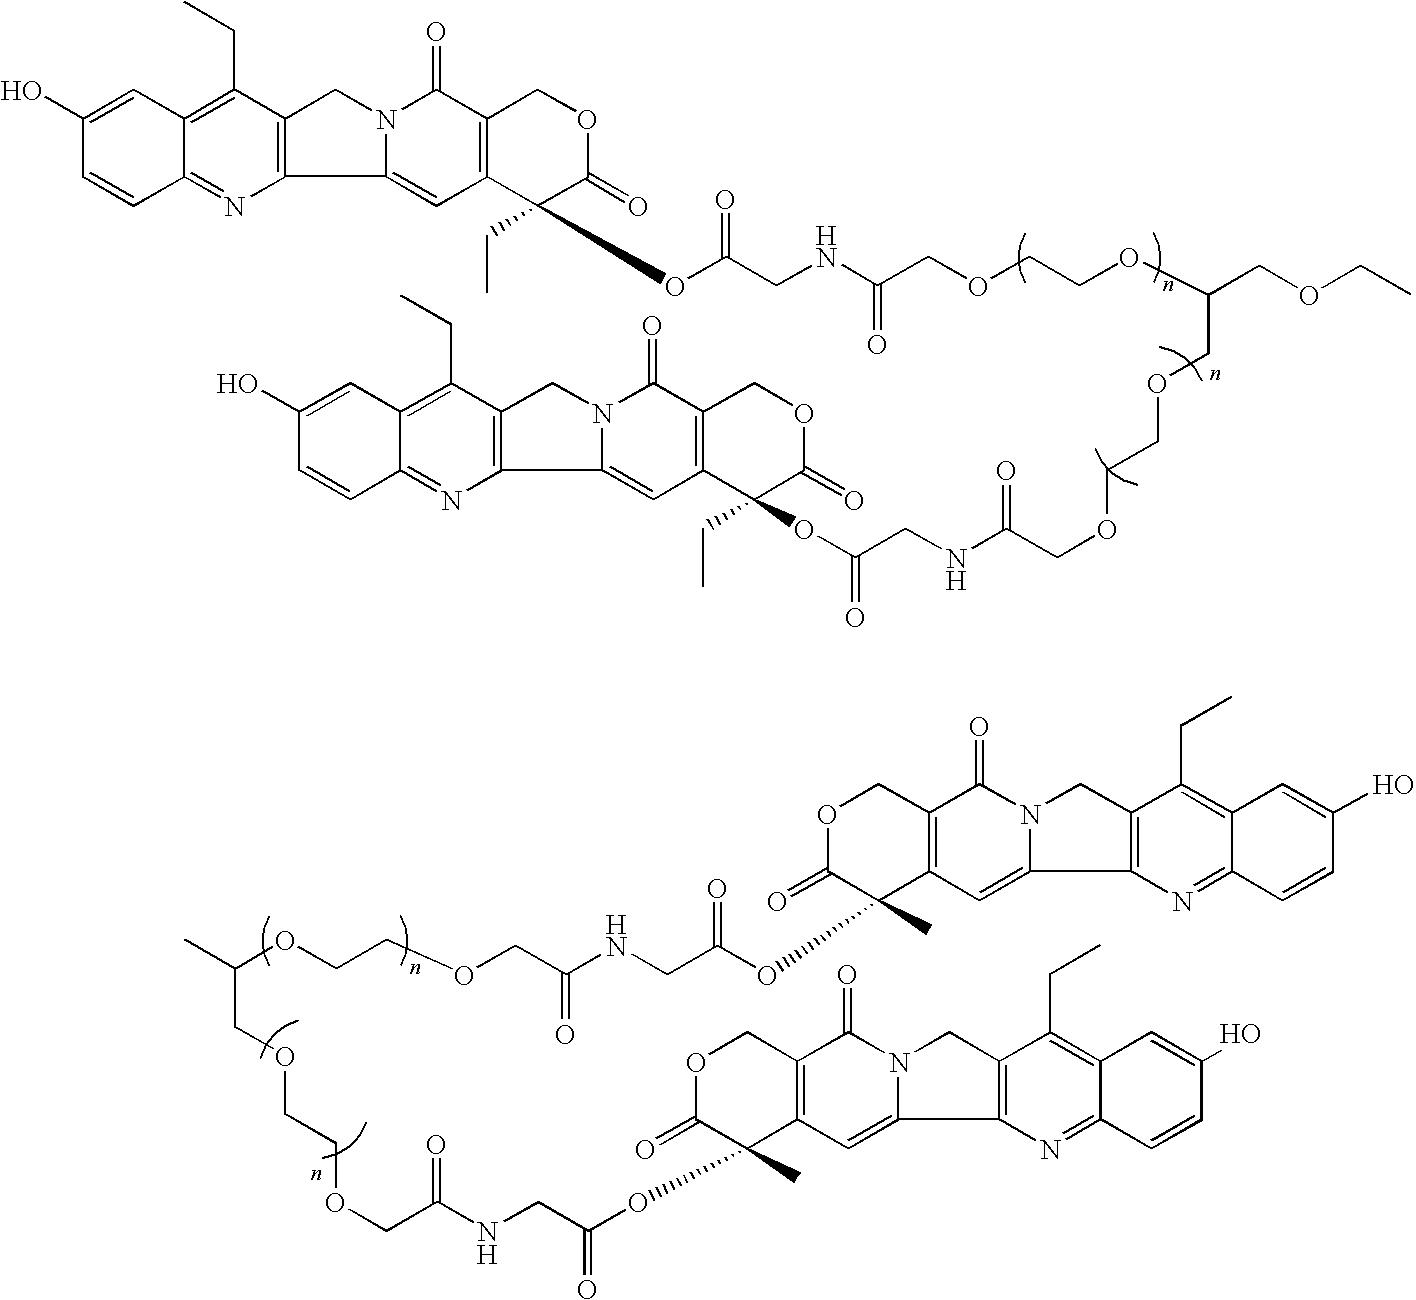 Figure US20100056555A1-20100304-C00010